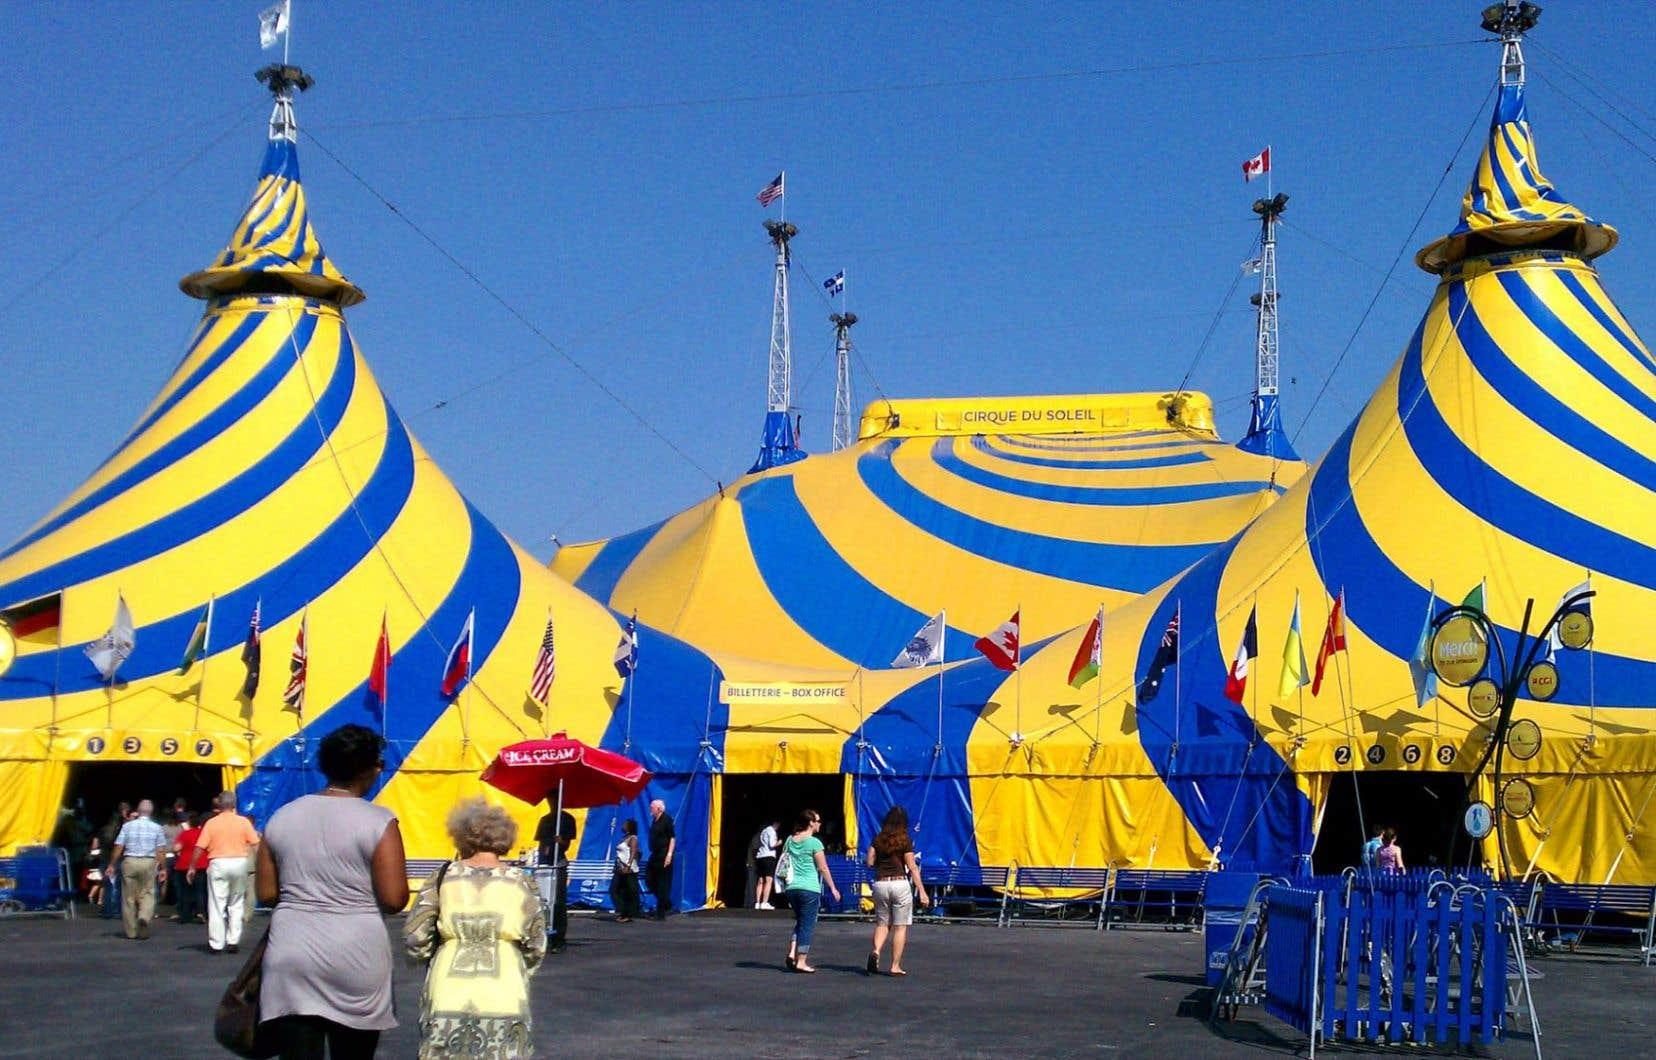 En 2014, le Cirque du Soleil avait refusé de présenter «Quidam» à Tel-Aviv, alors que le conflit entre Israël et le Hamas s'envenimait.